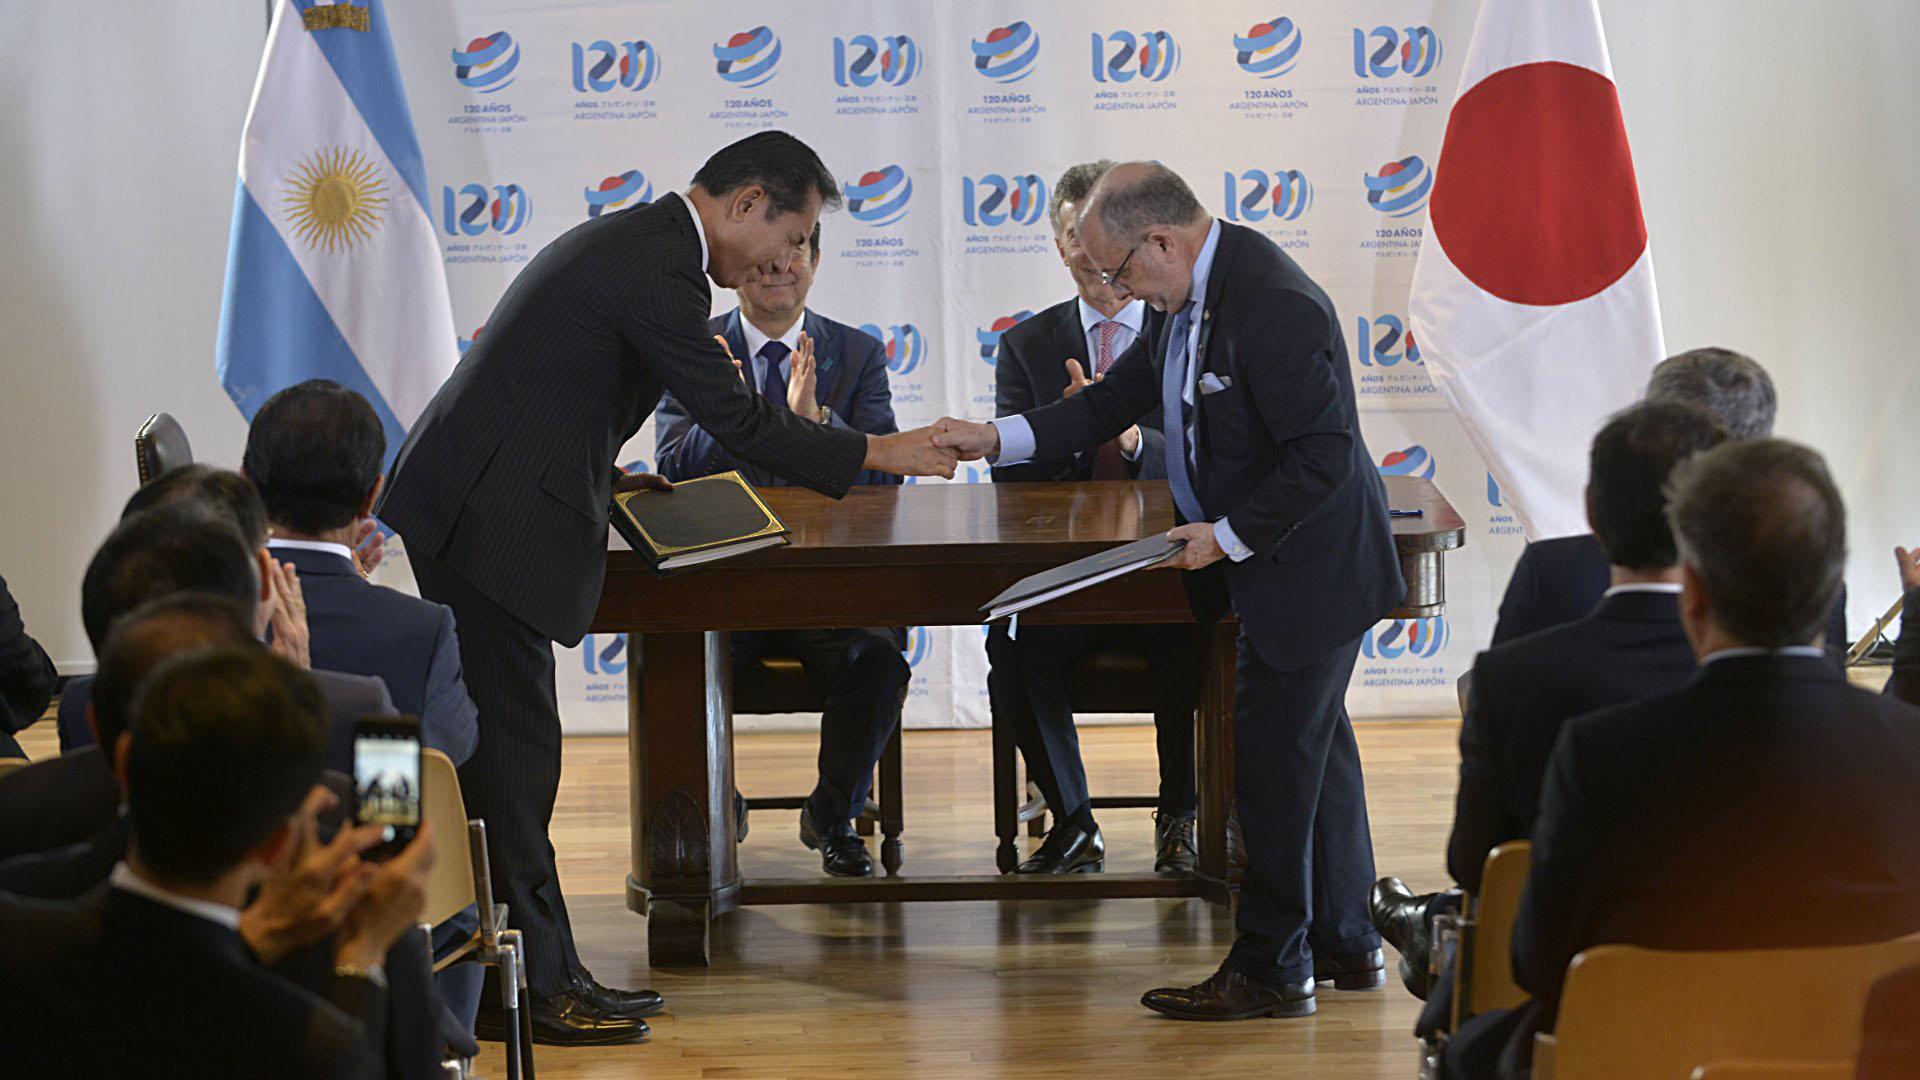 La firma del convenio